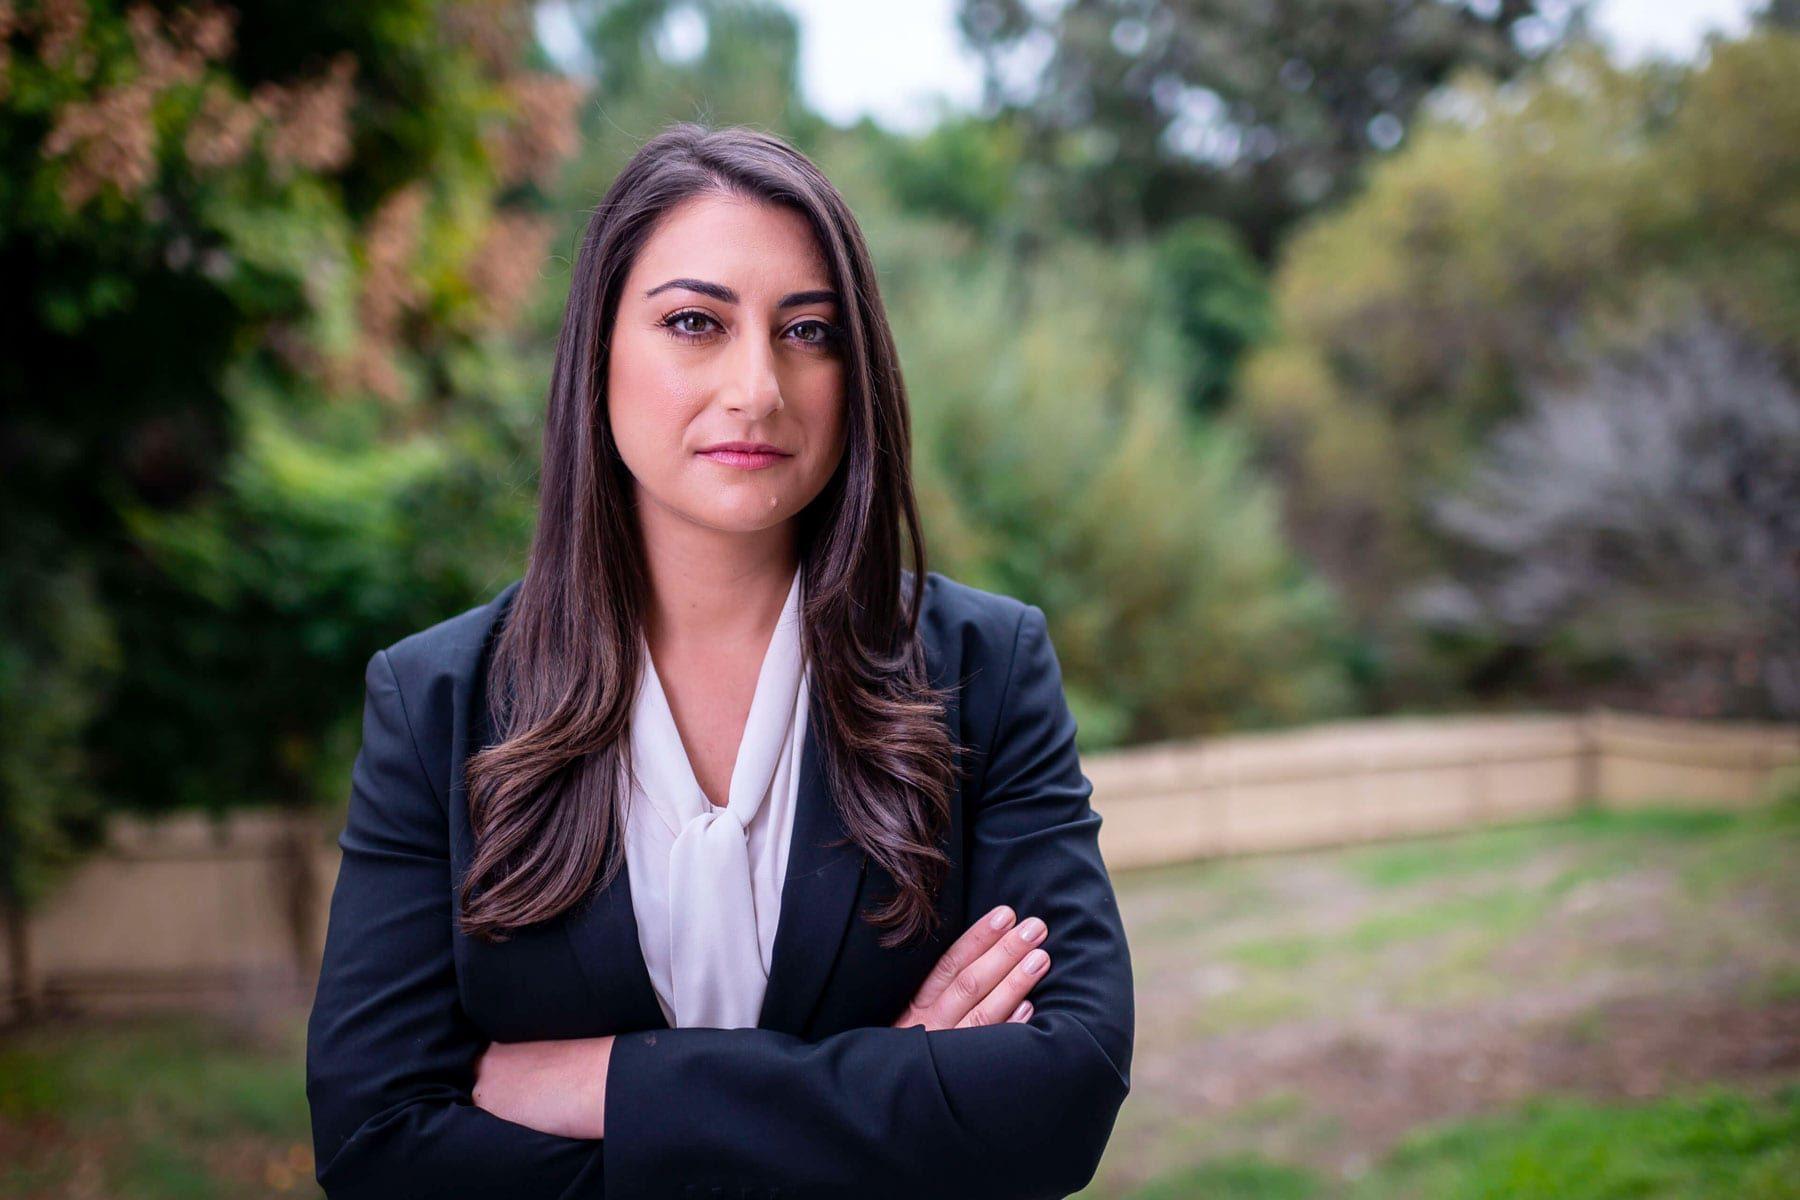 An image of Congresswoman Sara Jacobs.